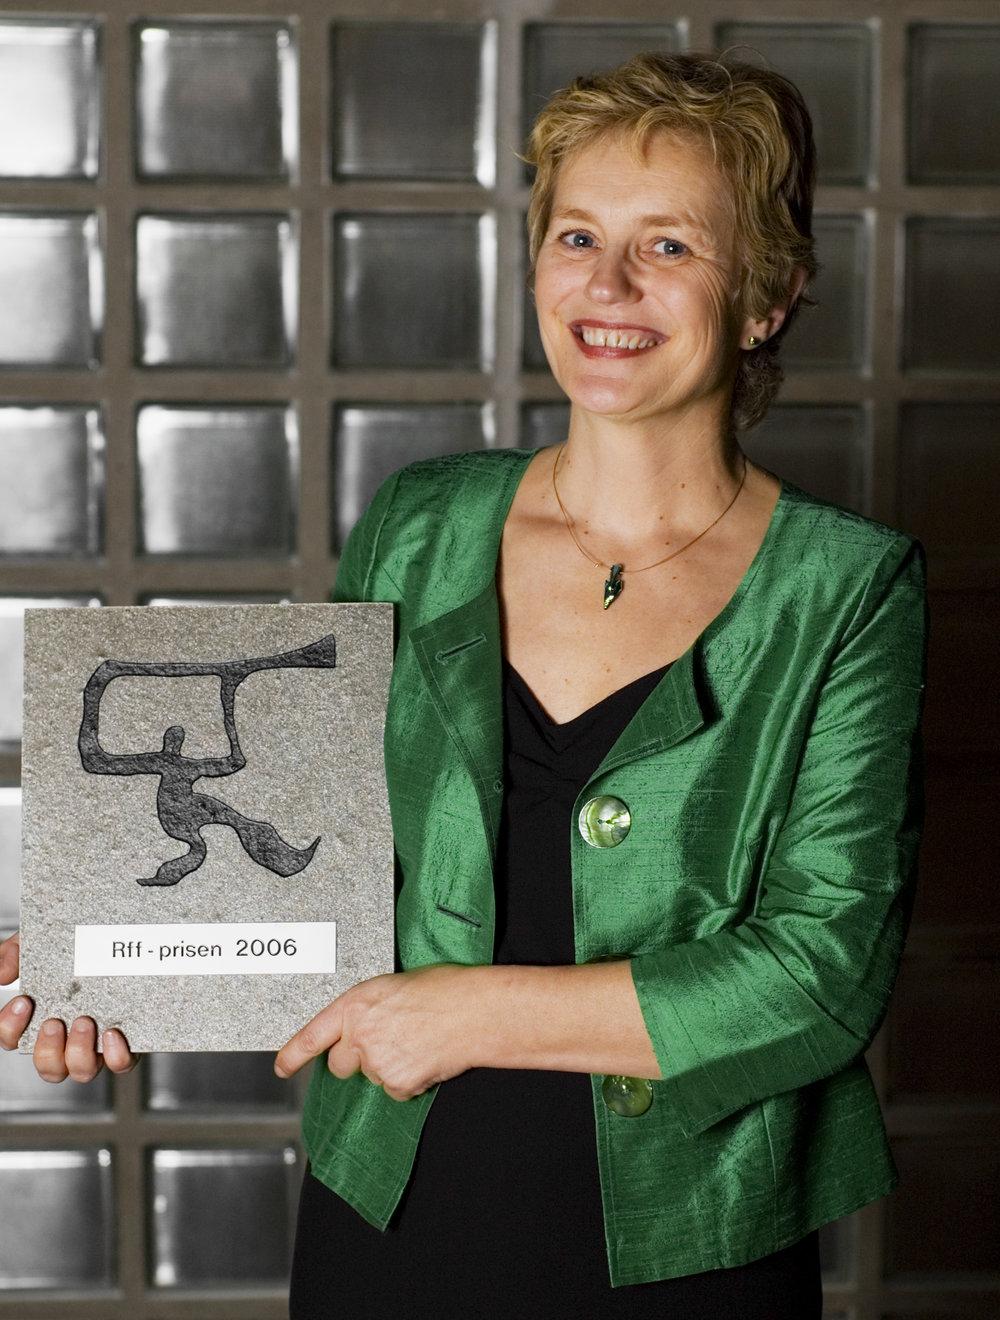 RFF-prisen-2006-010-siste.jpg